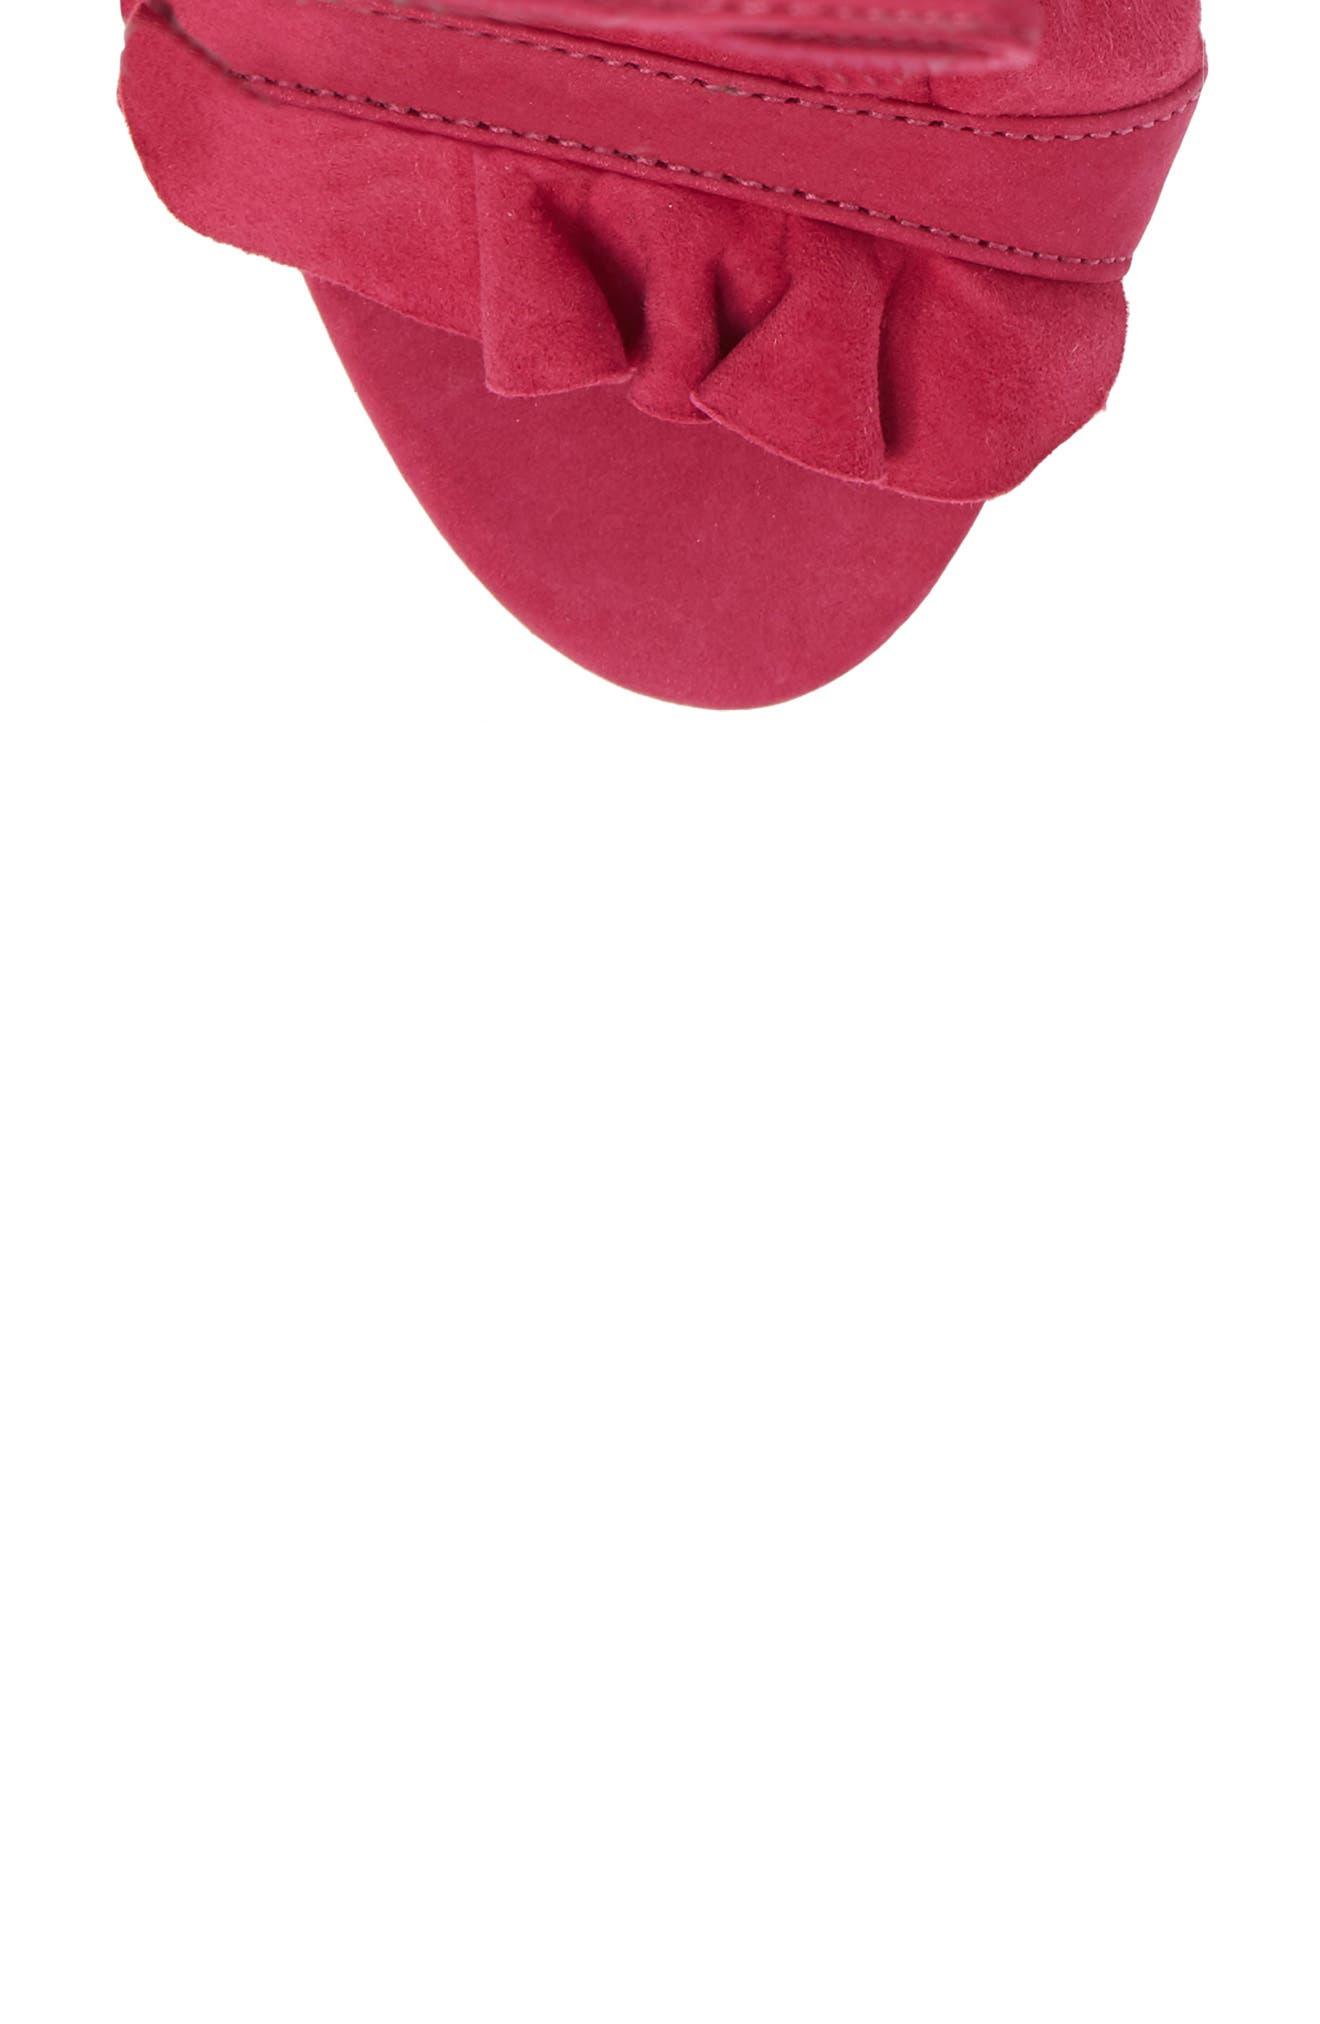 Irem Lace-UP Sandal,                             Alternate thumbnail 5, color,                             651